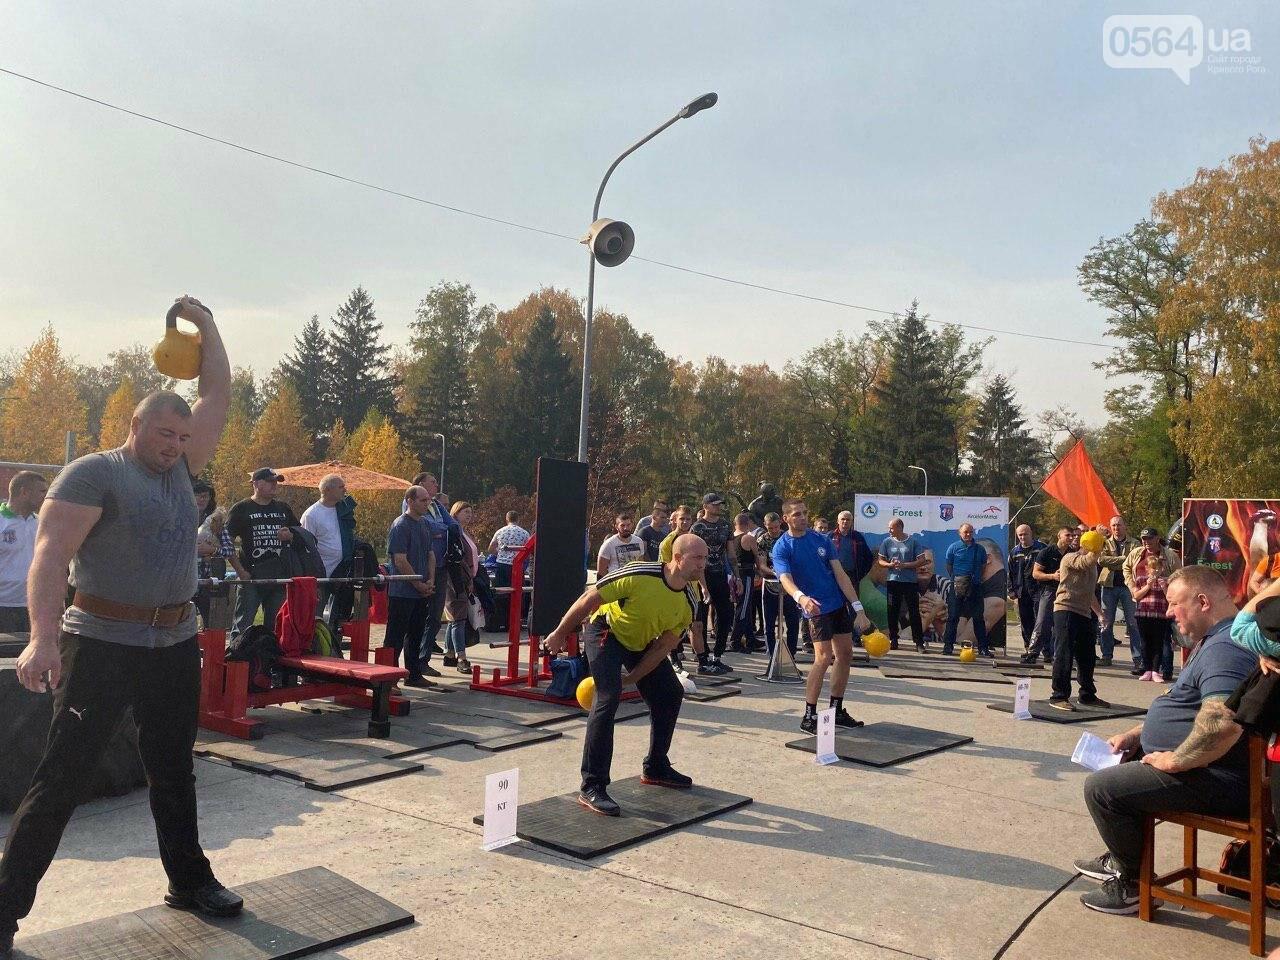 Сильные криворожские мужчины соревновались в поднятии гири, - ФОТО, ВИДЕО , фото-6